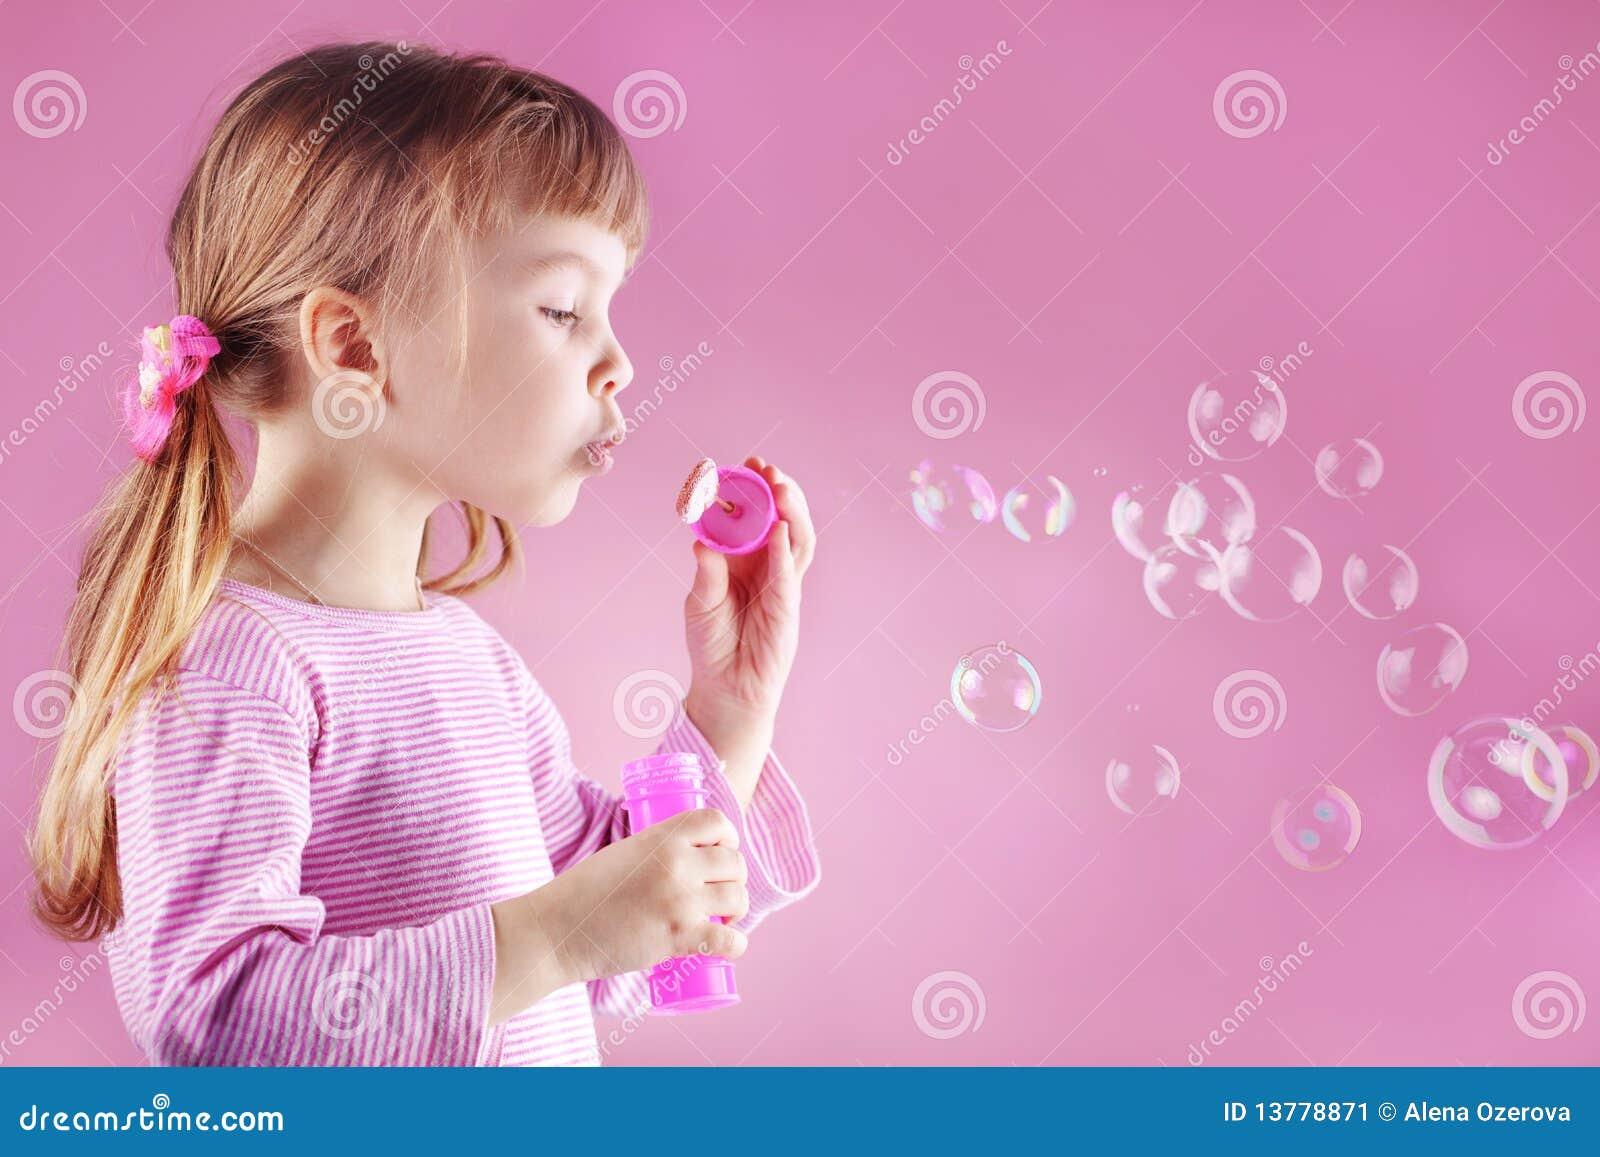 φυσώντας σαπούνι κοριτσι